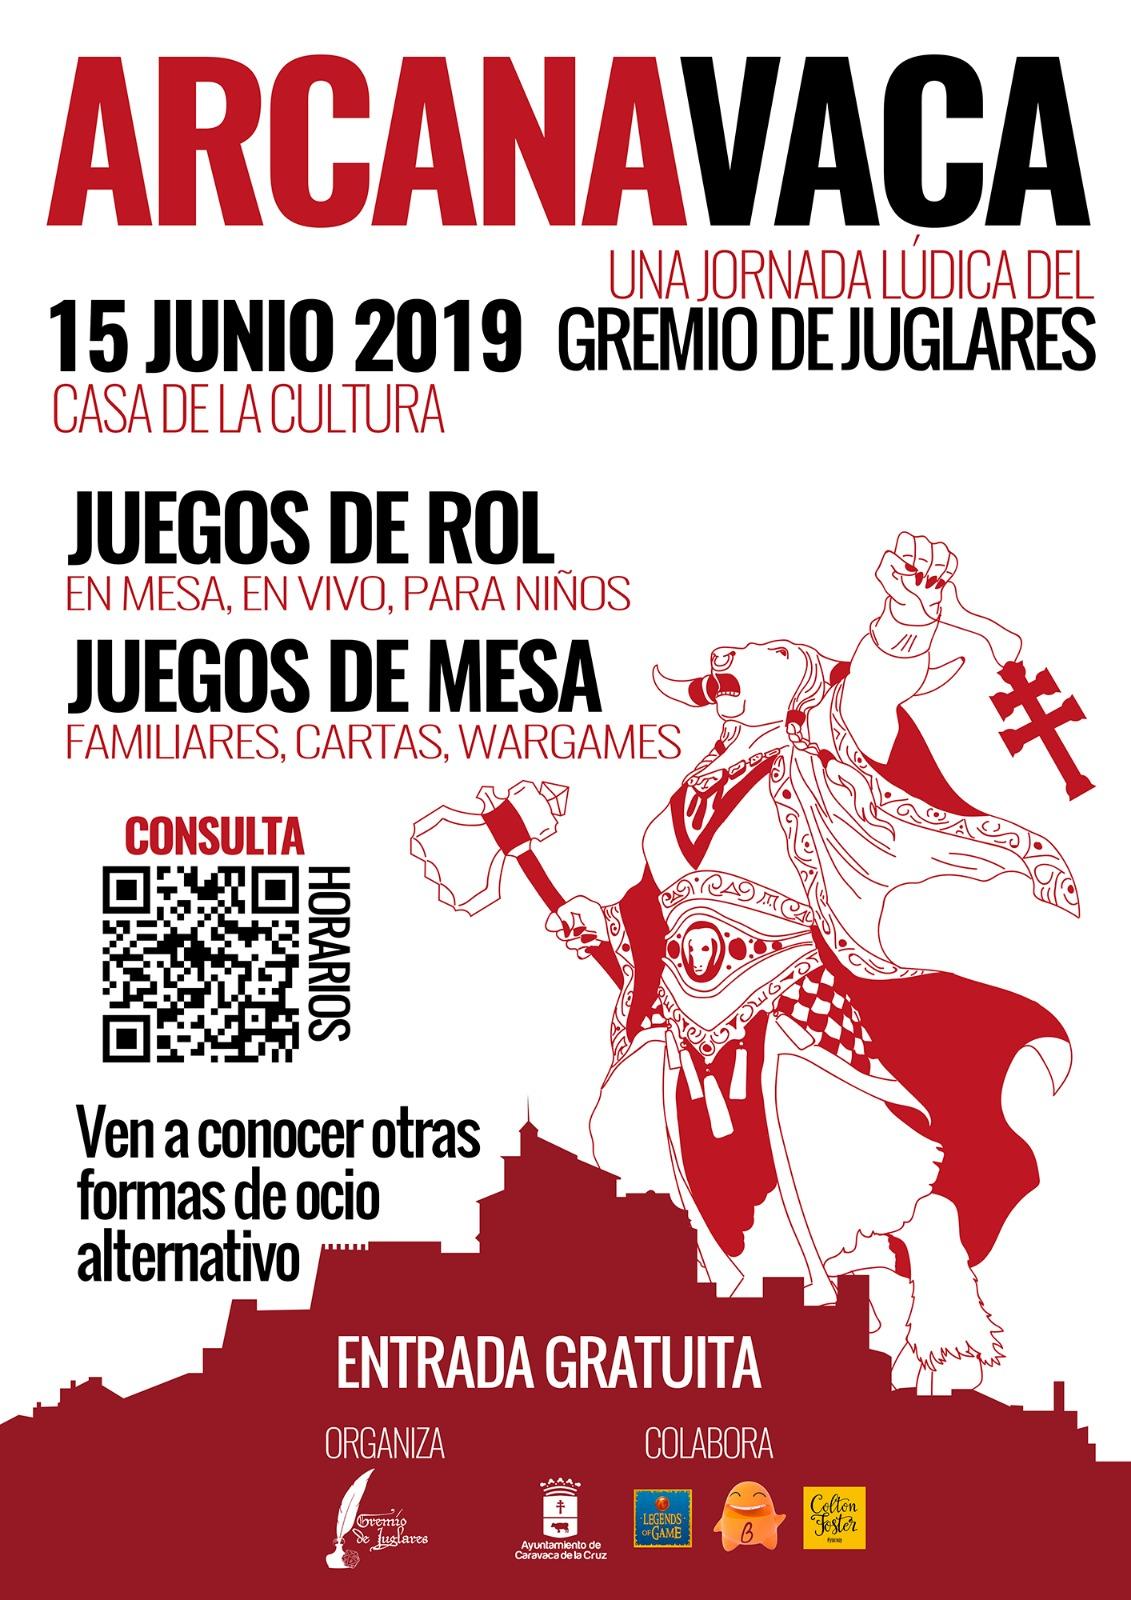 Arcanavaca 2019